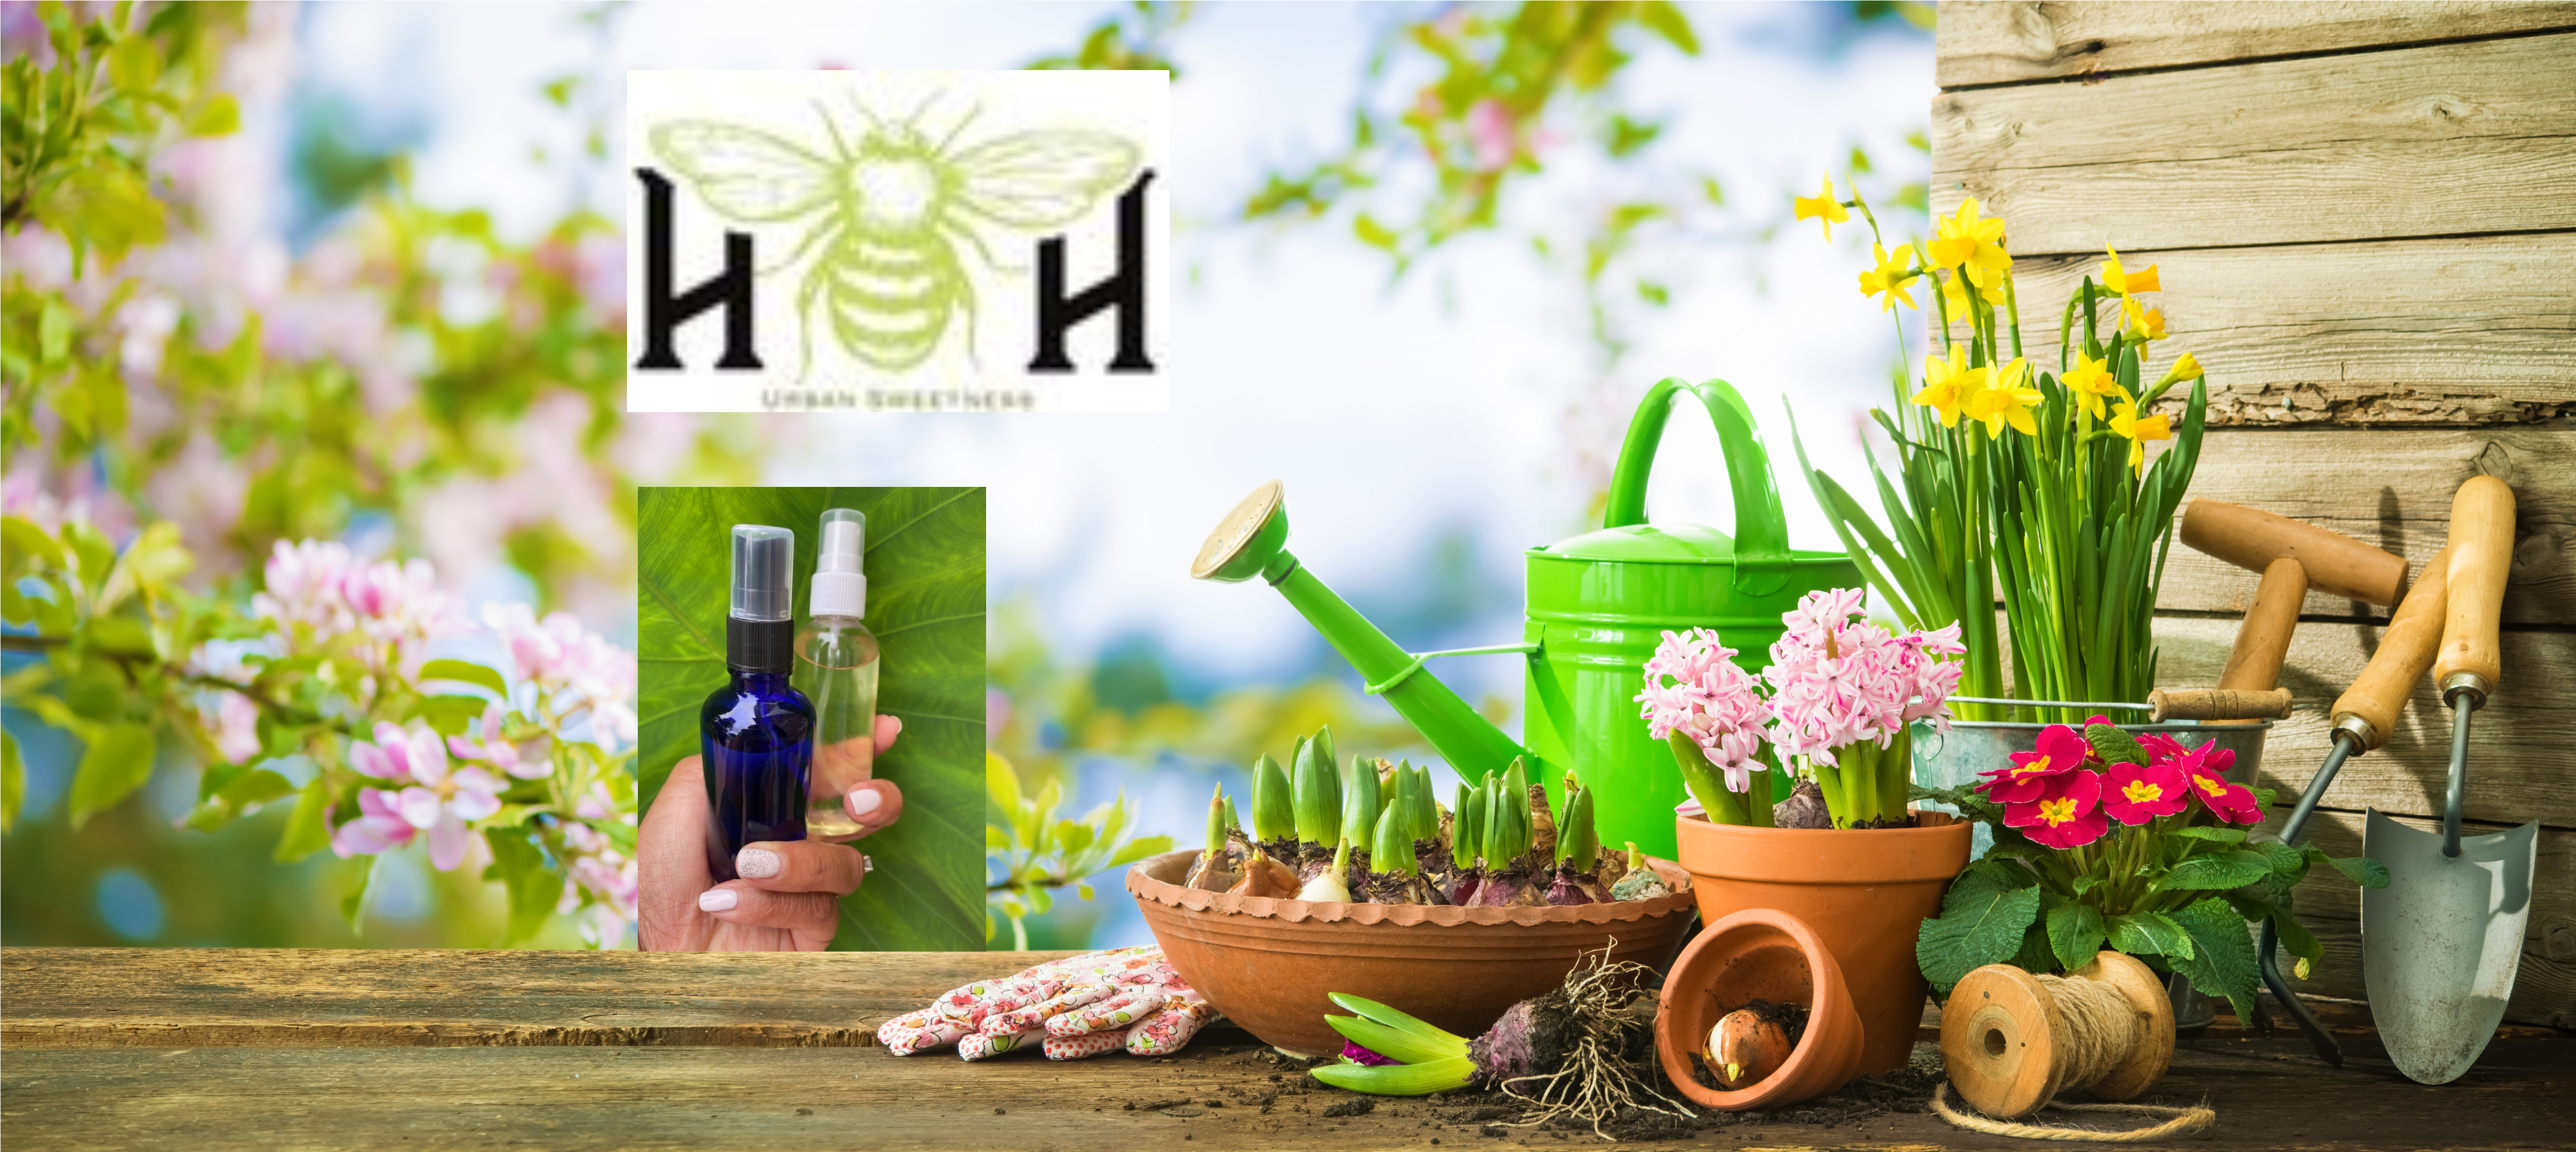 hh901-garden.jpg